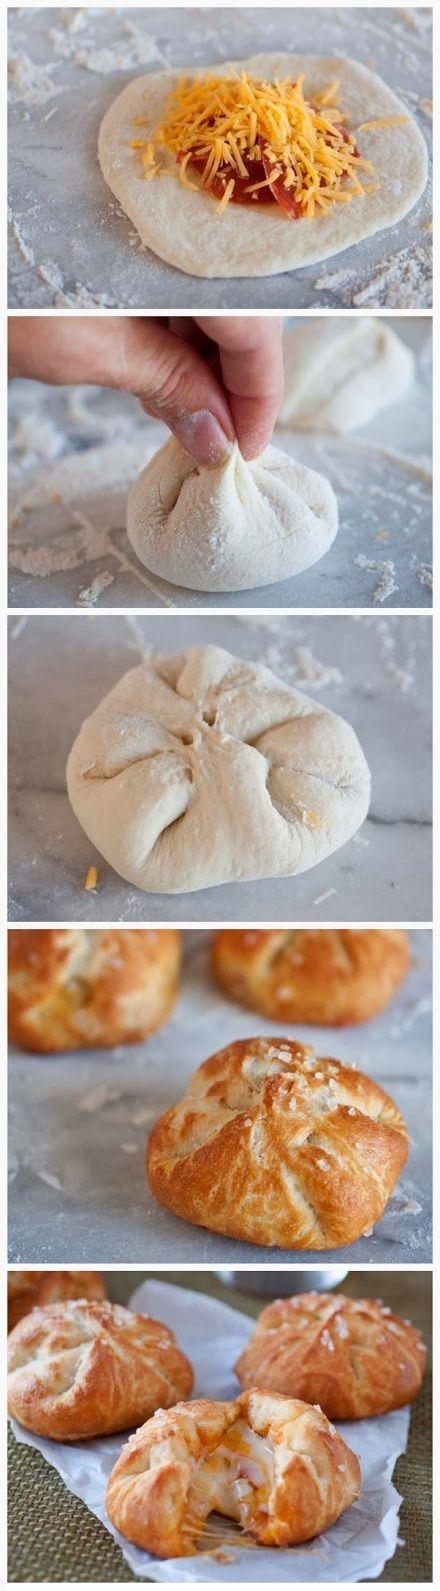 Pizza Stuffed Pretzel Rolls Recipe